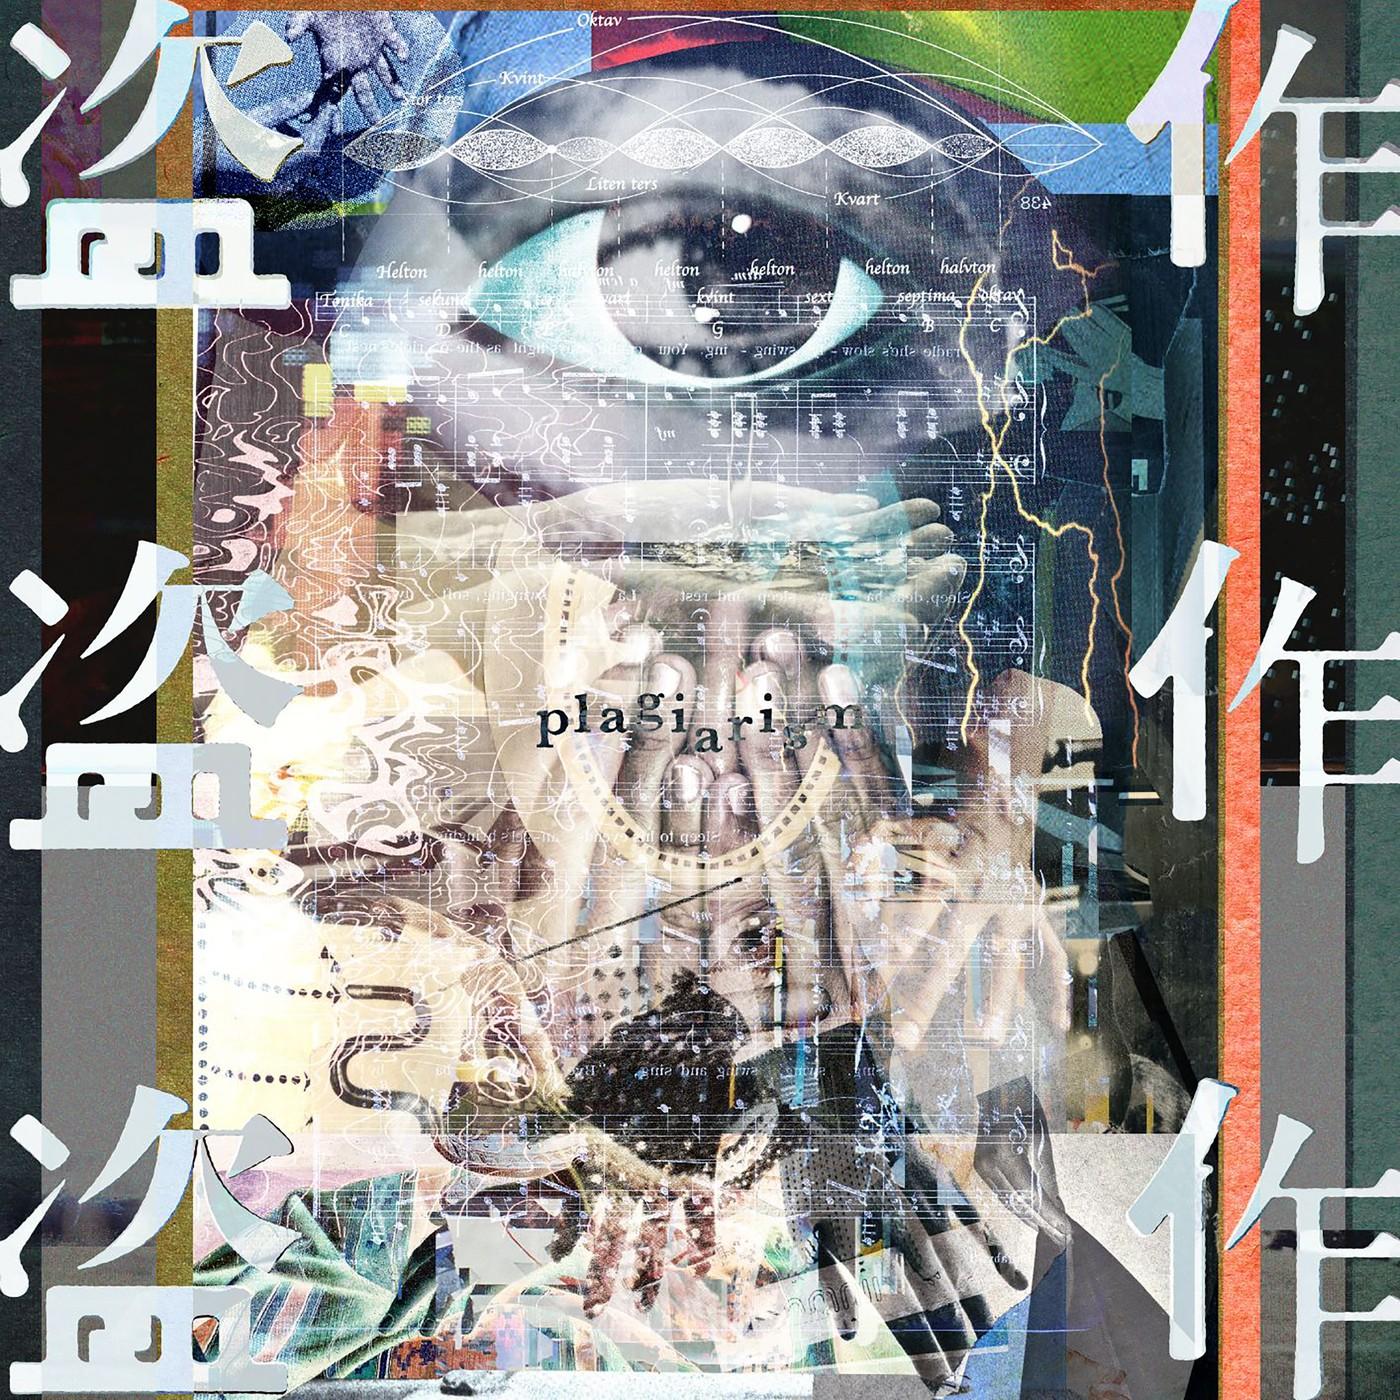 Download Single Yorushika Tousaku Flac Plagiarism Full Version Mp3 Flac